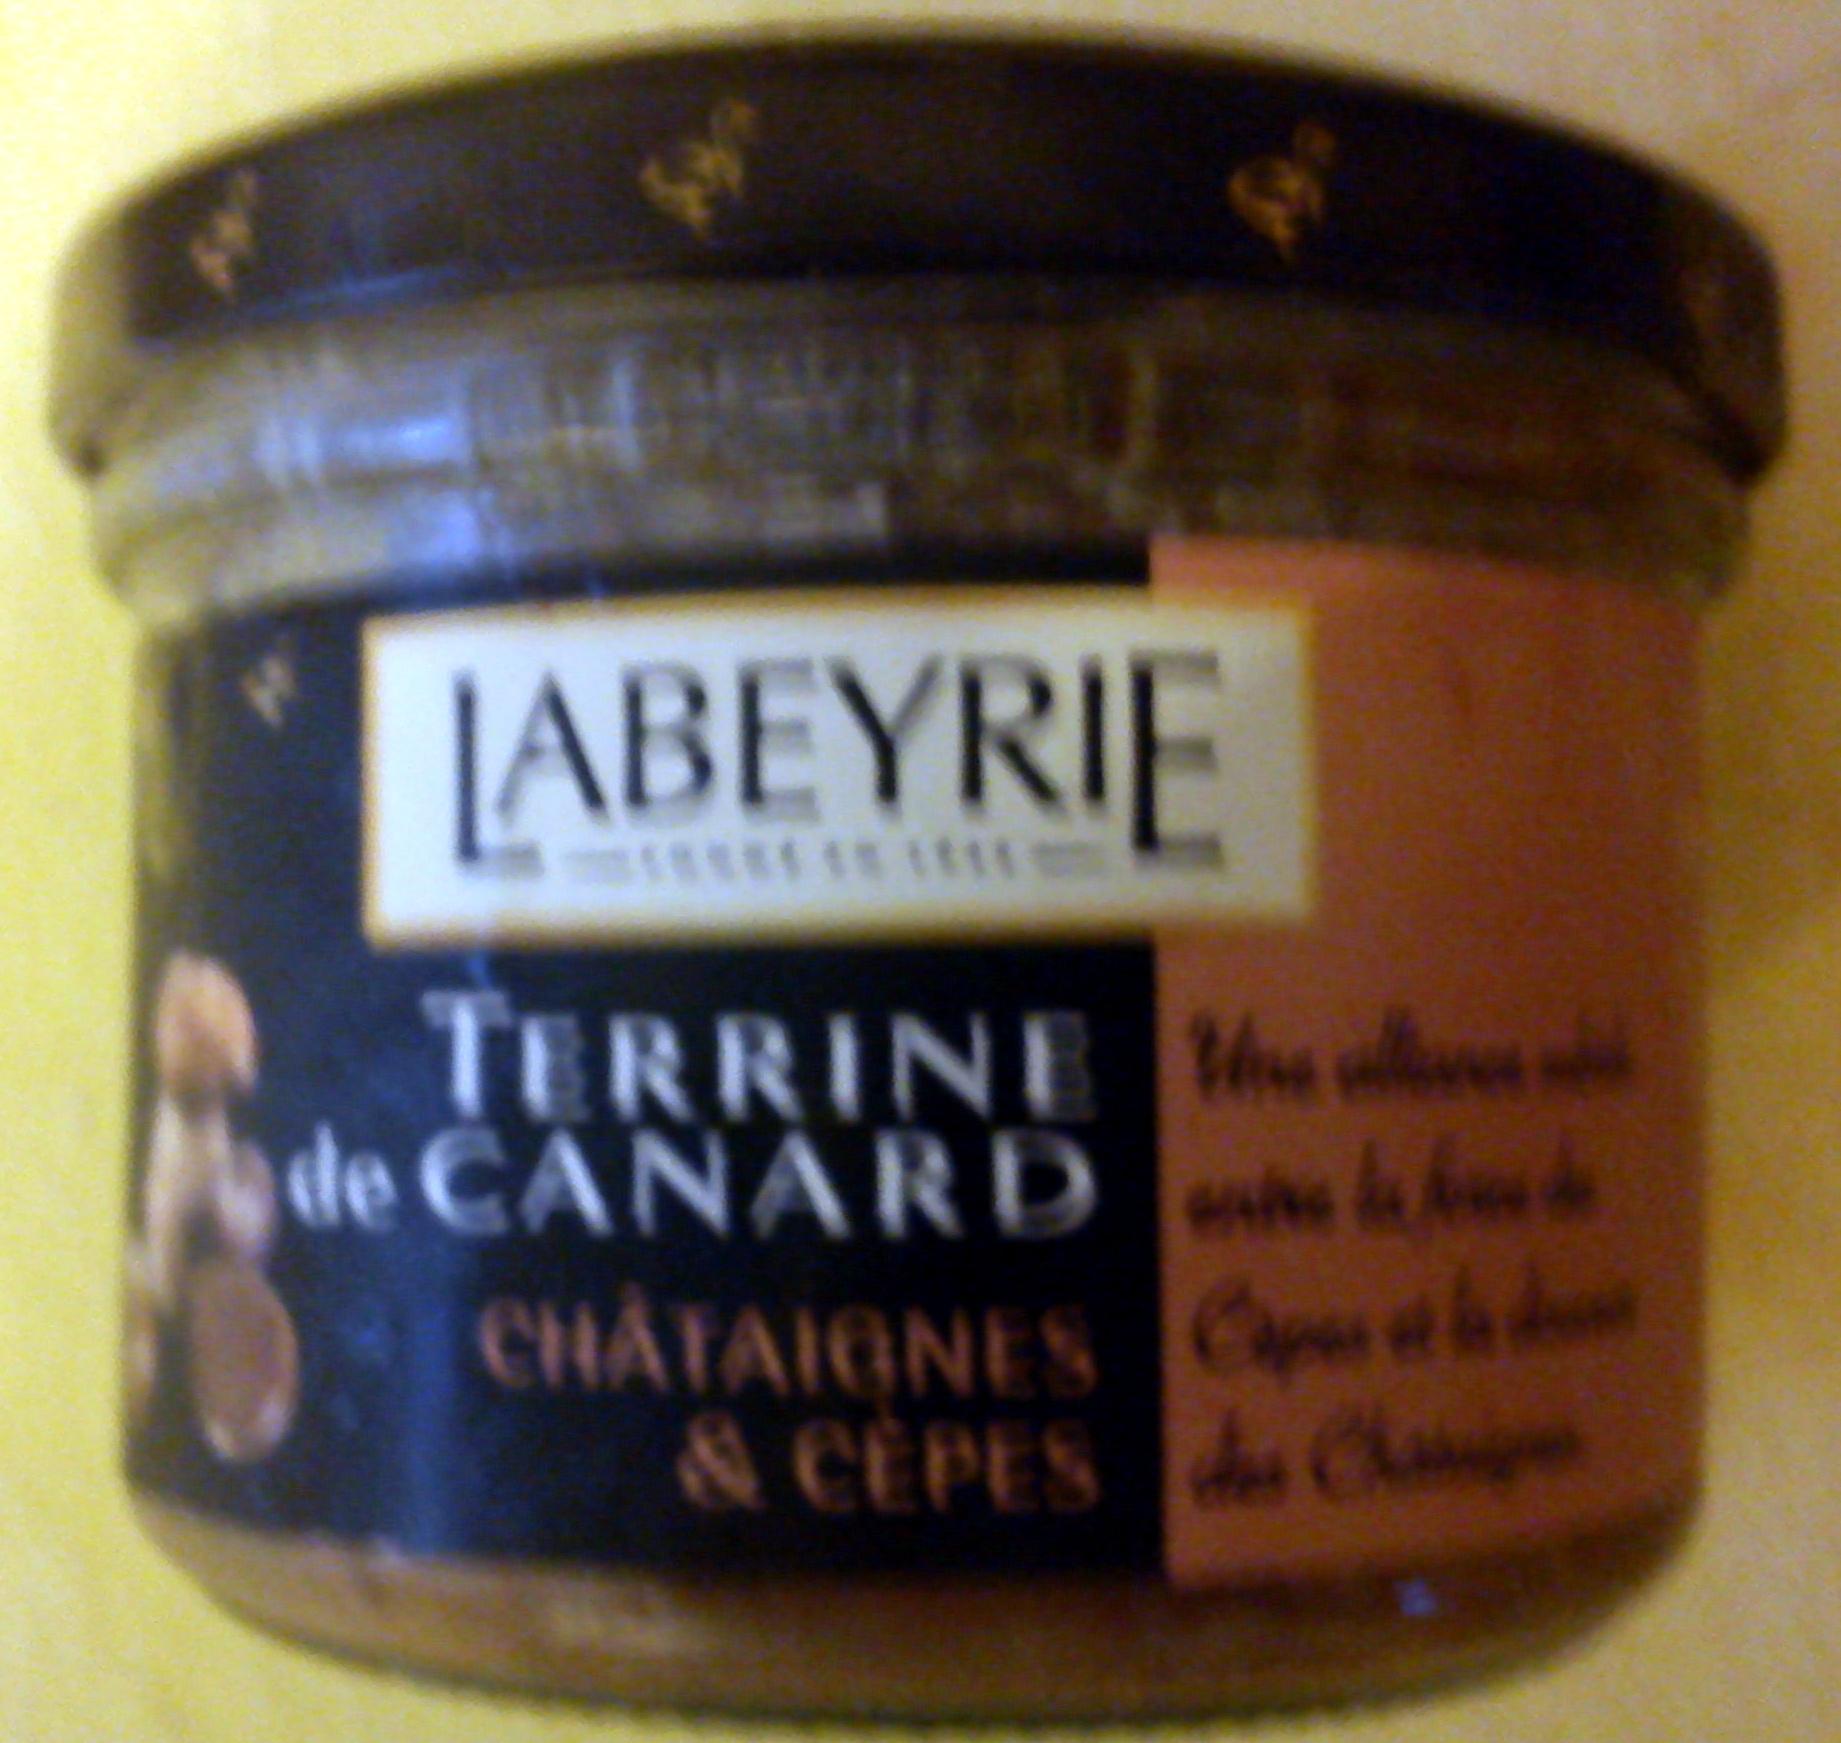 Terrine de Canard Châtaignes & Cèpes - Produit